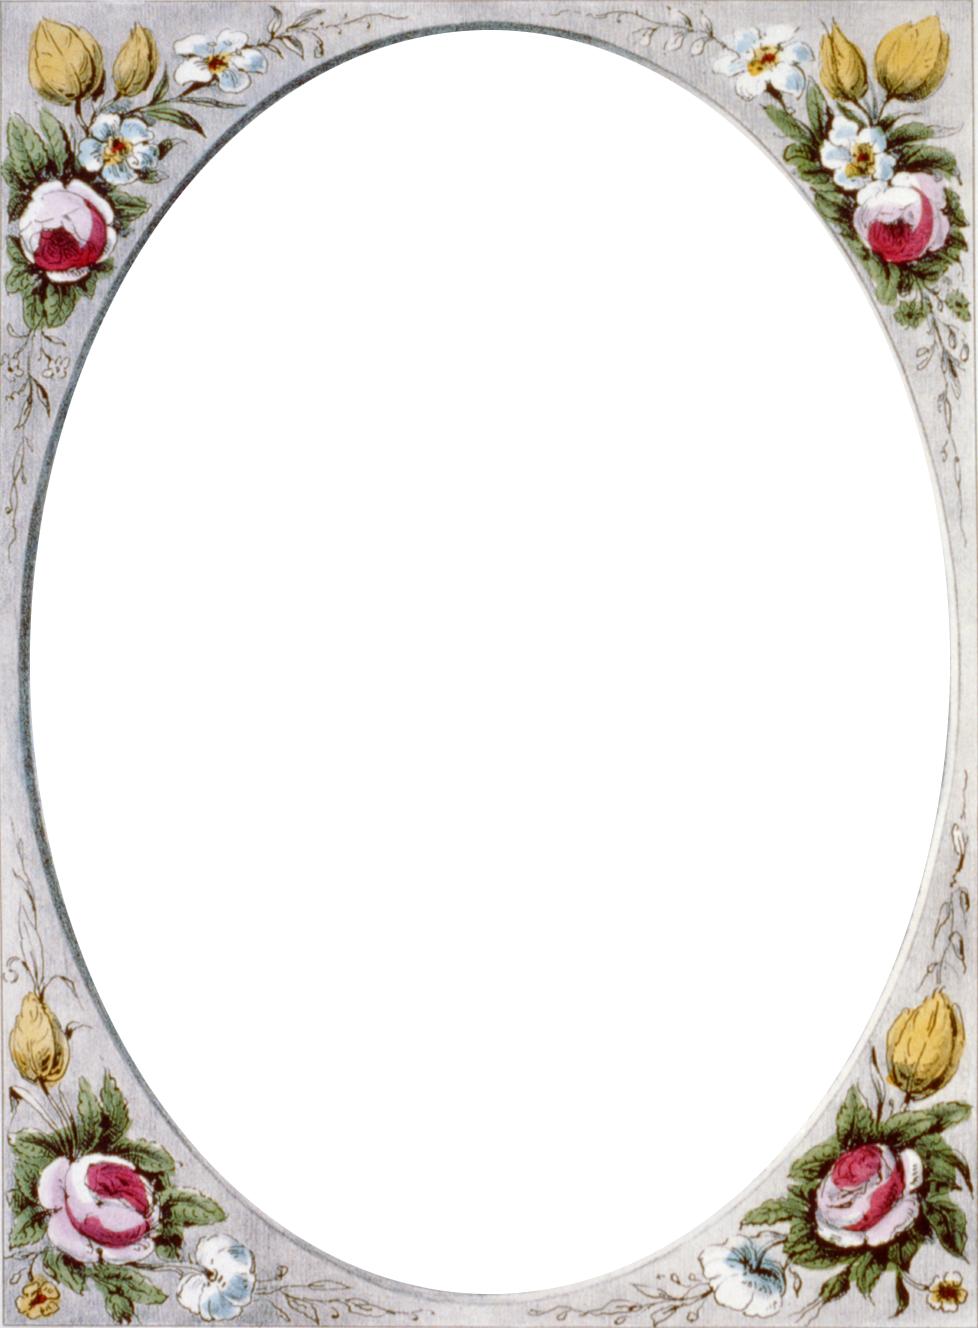 Floral Vintage Border Frame